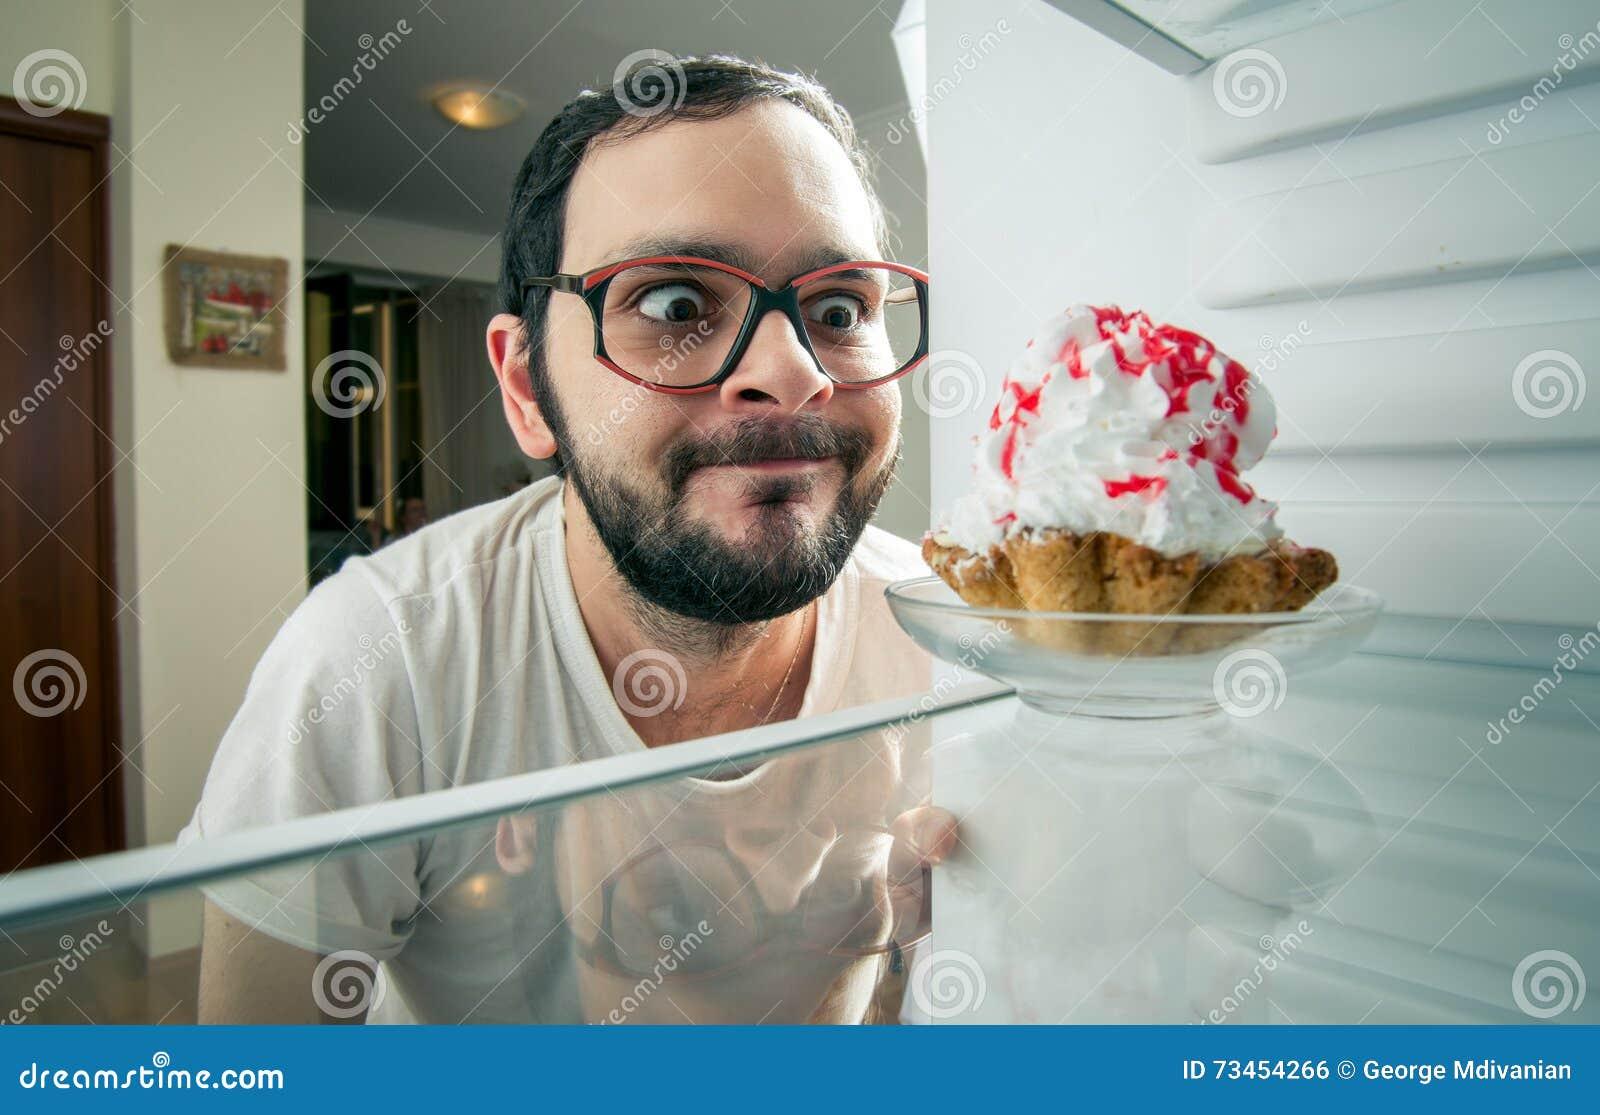 El hombre ve la torta dulce en el refrigerador